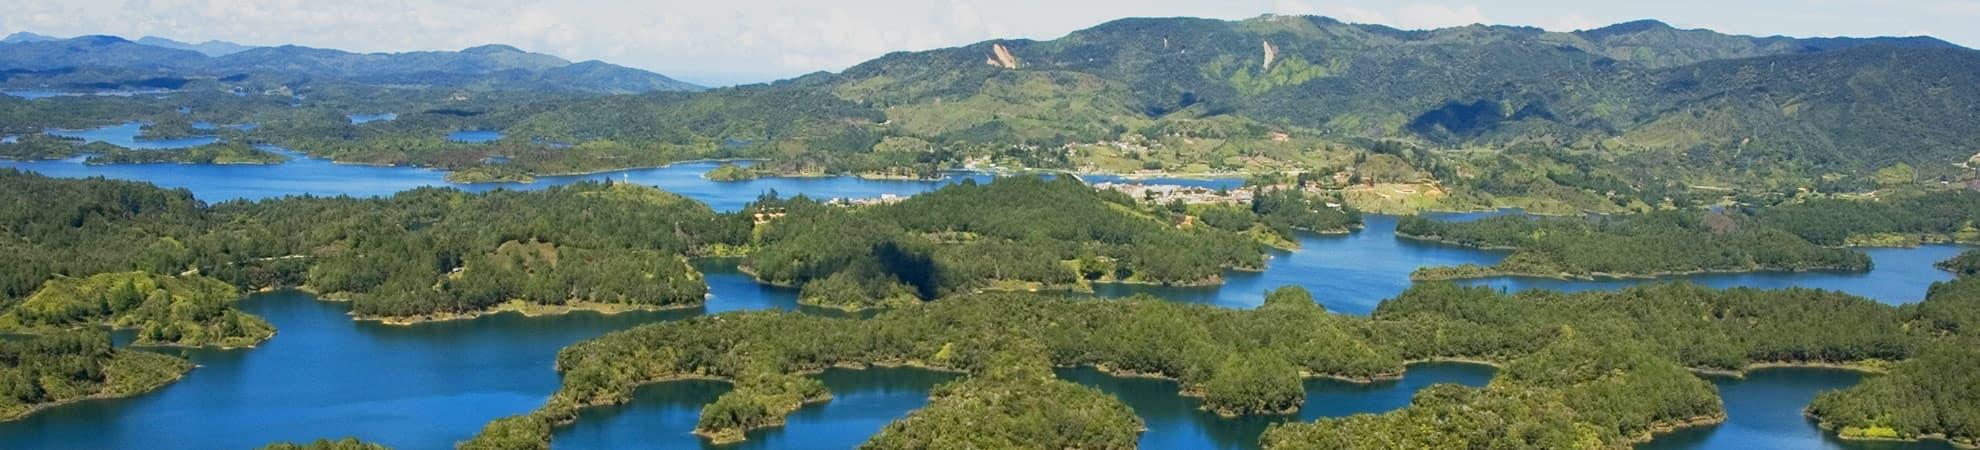 Voyage La forêt amazonienne de la Colombie